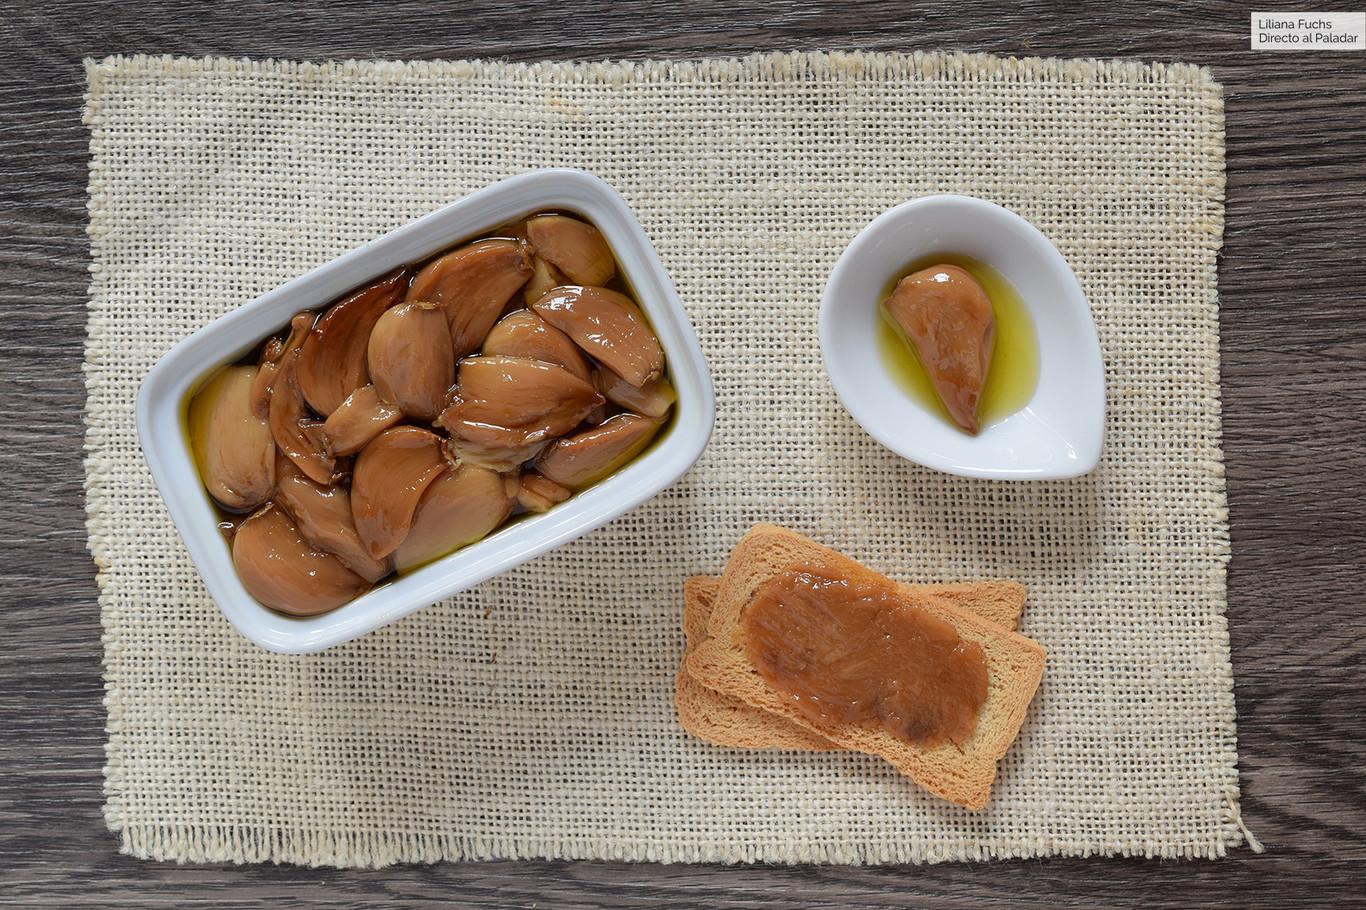 Ajo asado en olla de cocción lenta (y su aceite): una bomba de sabor cremosa para condimentar casi todo